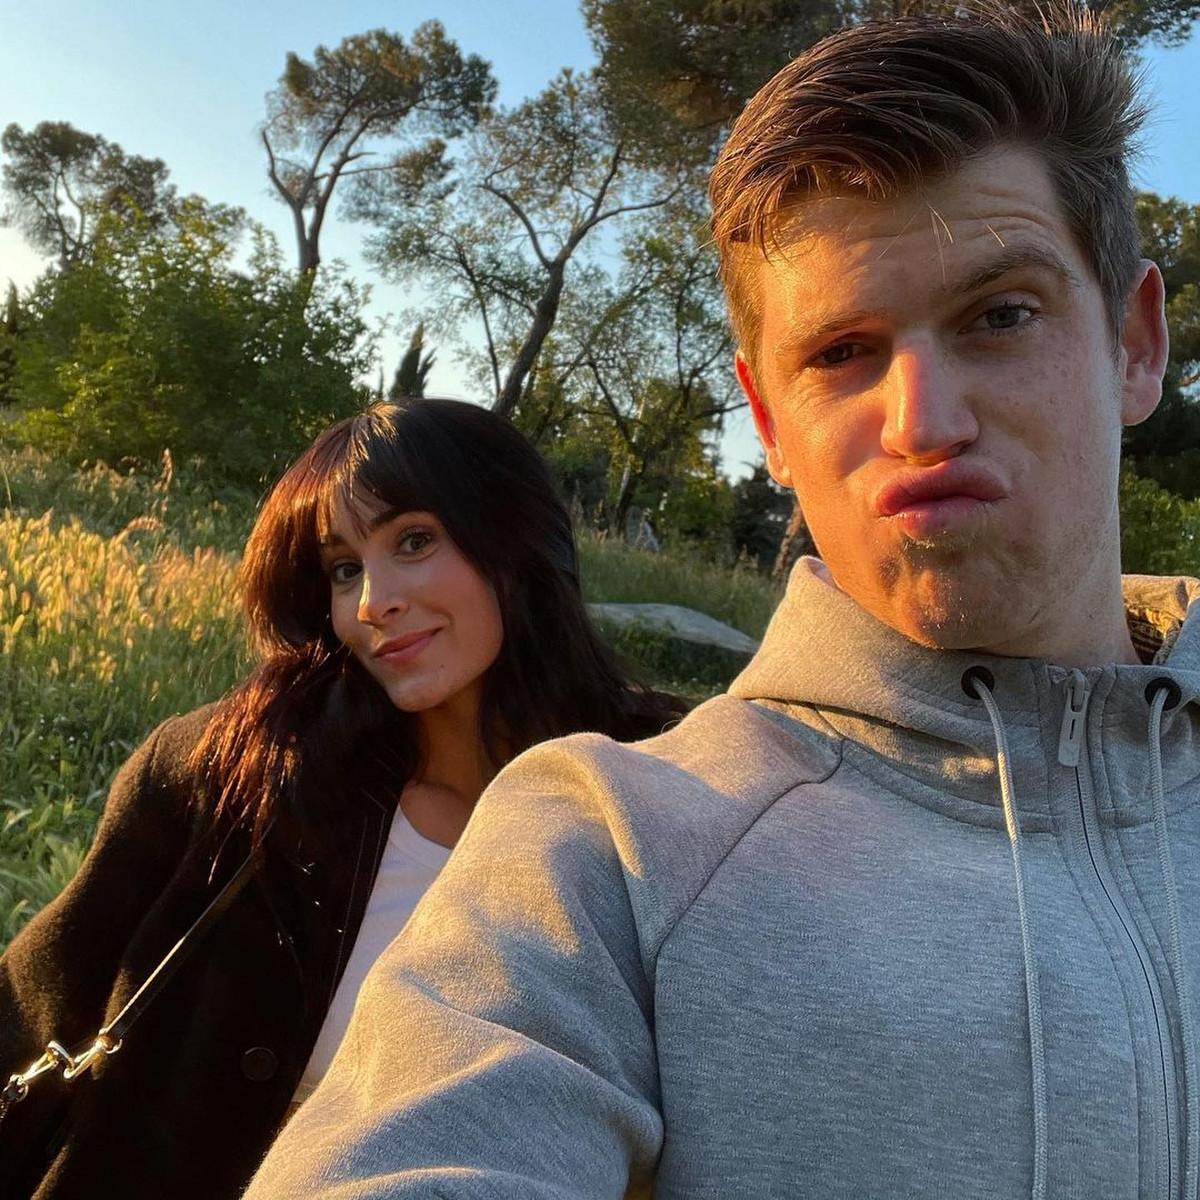 Con esta foto de Aitana y Miguel Bernardeu nos hemos derretido